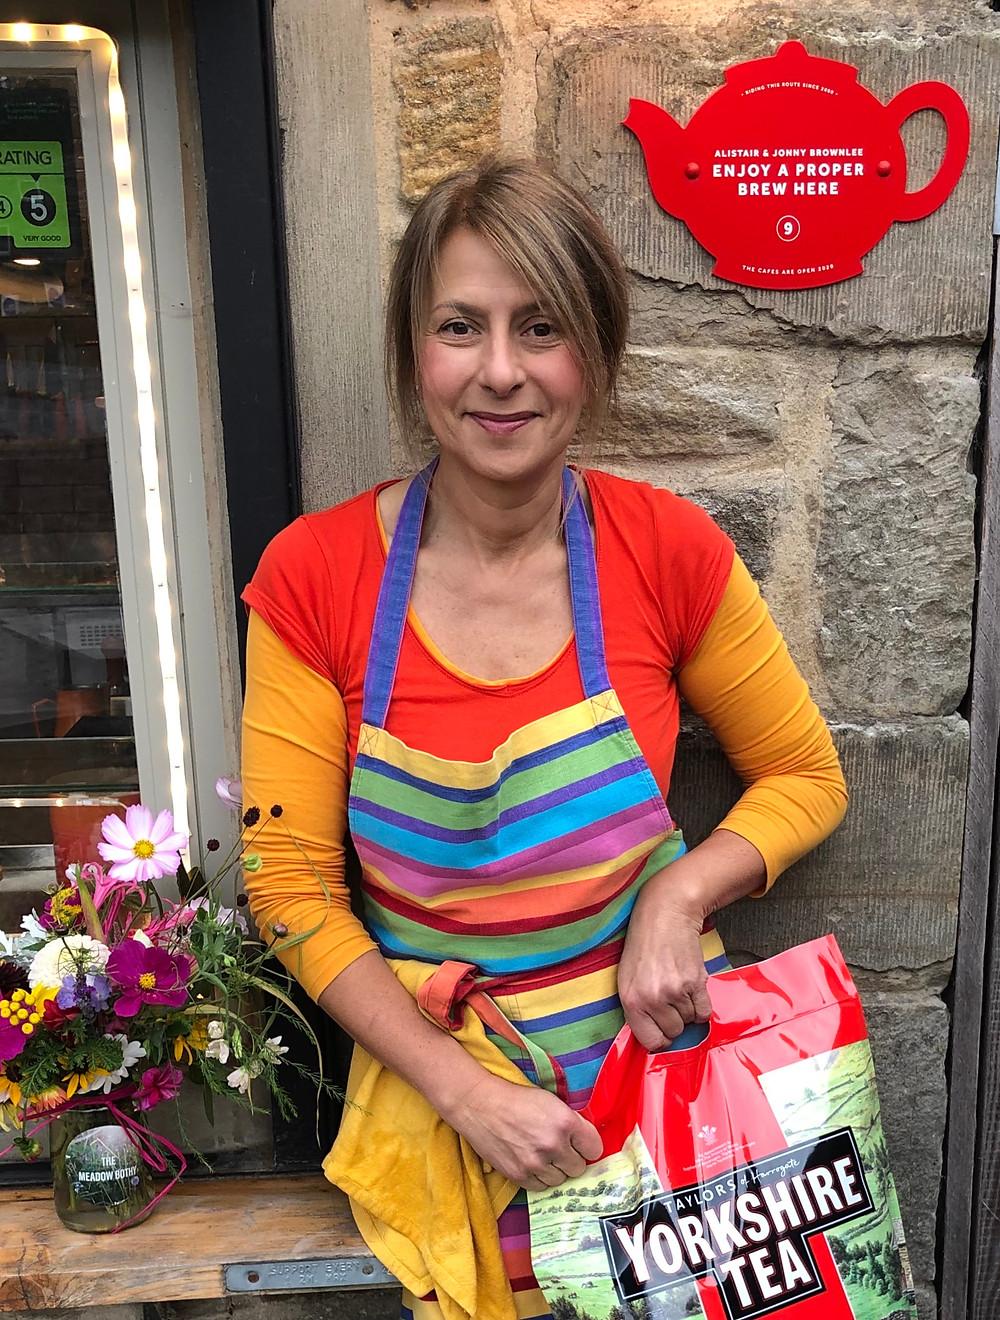 Rachel in front of plaque with Yorkshire Tea